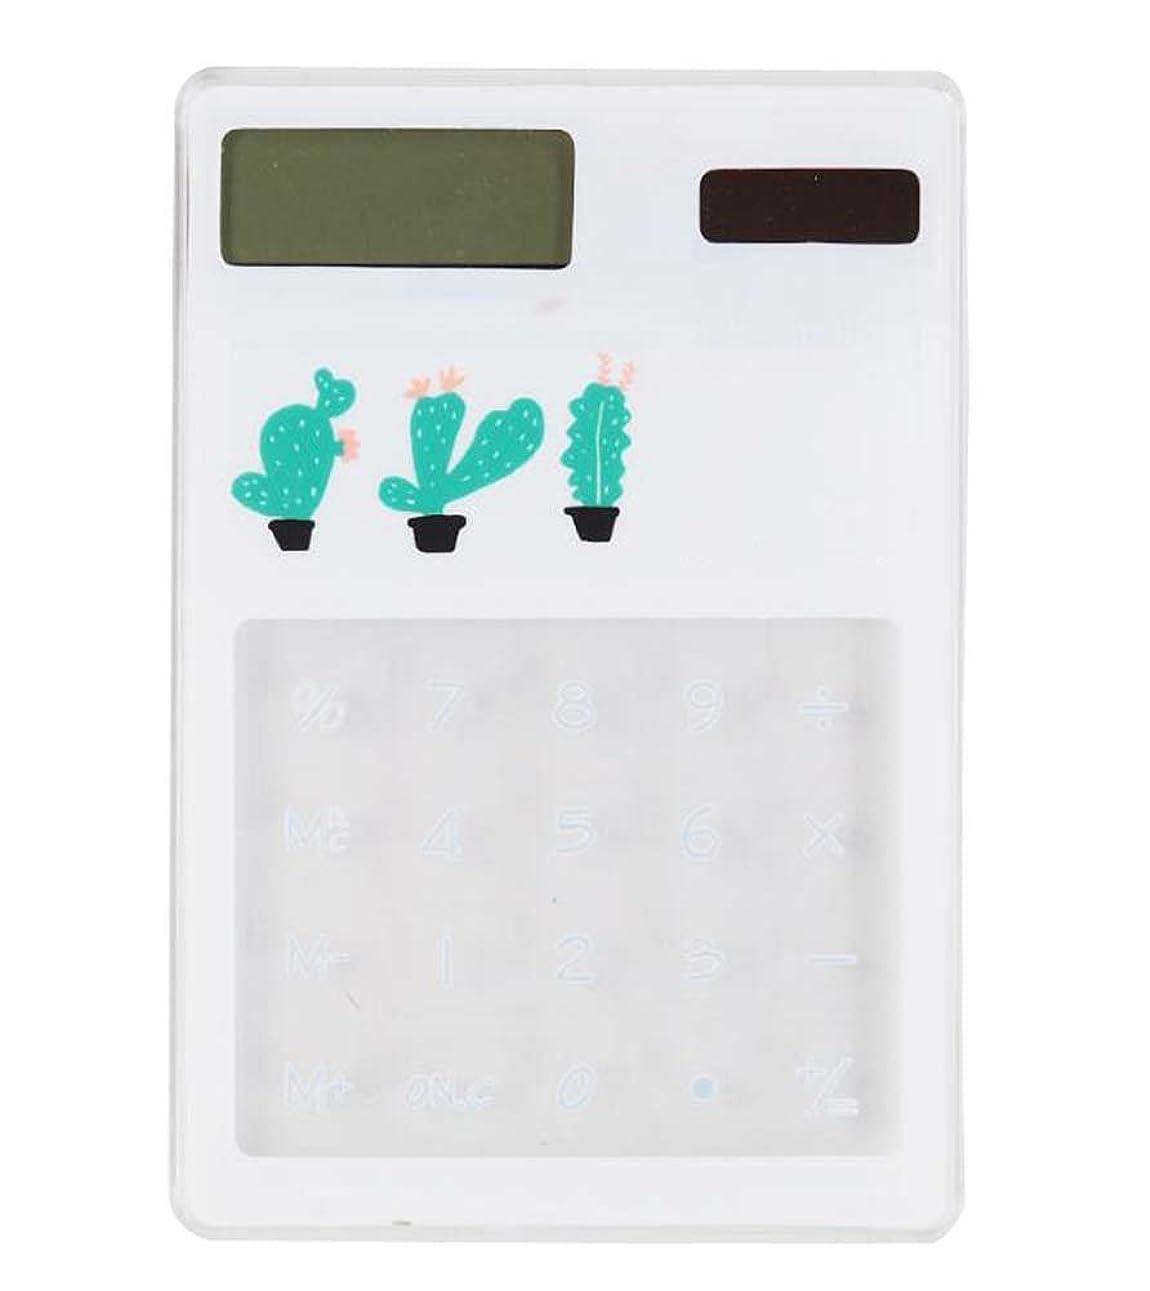 ラバテロリストダッシュシンプルなスタイリッシュな電卓Creative Portable Solar Calculators、B6